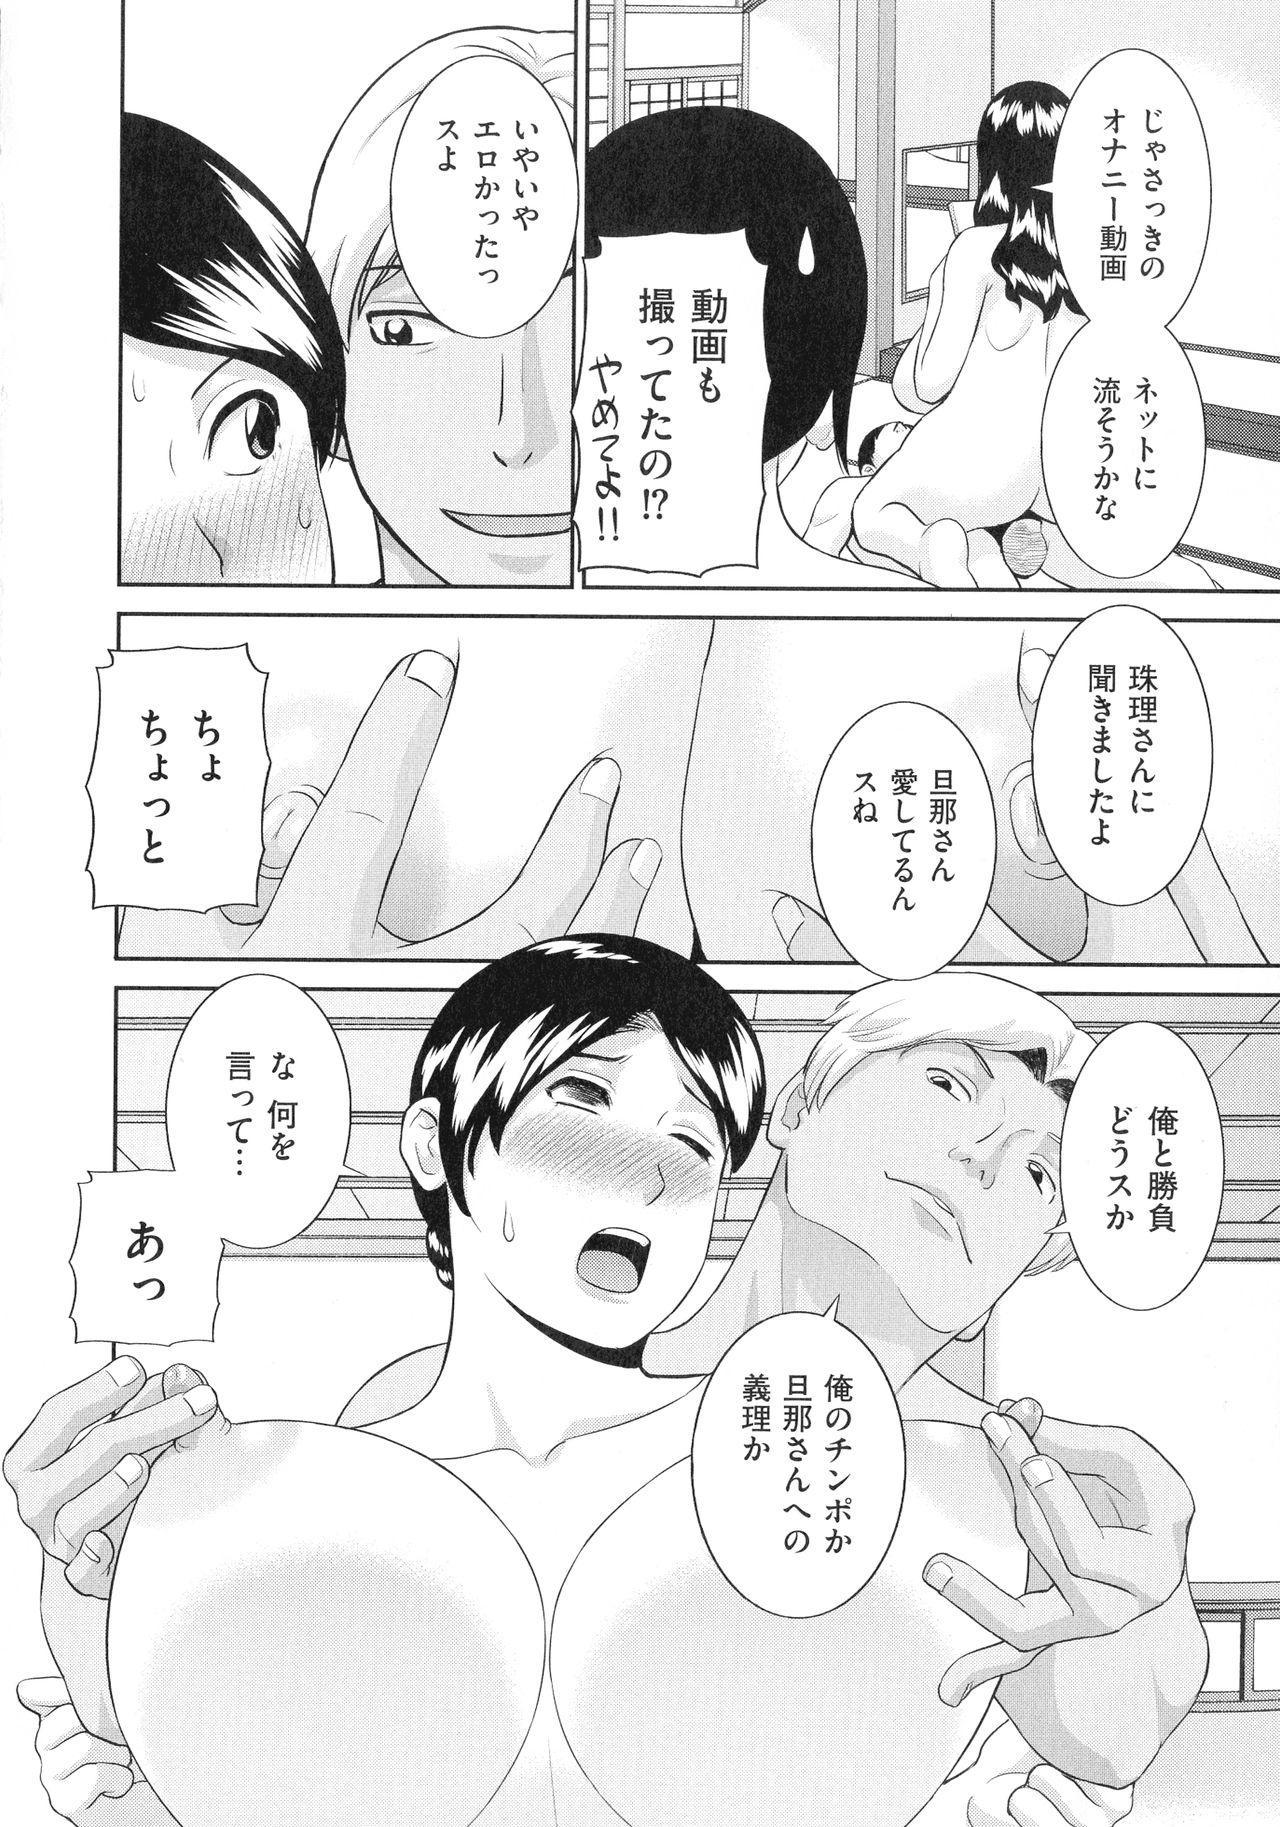 Tennen Torokeru Hatsujozuma 16